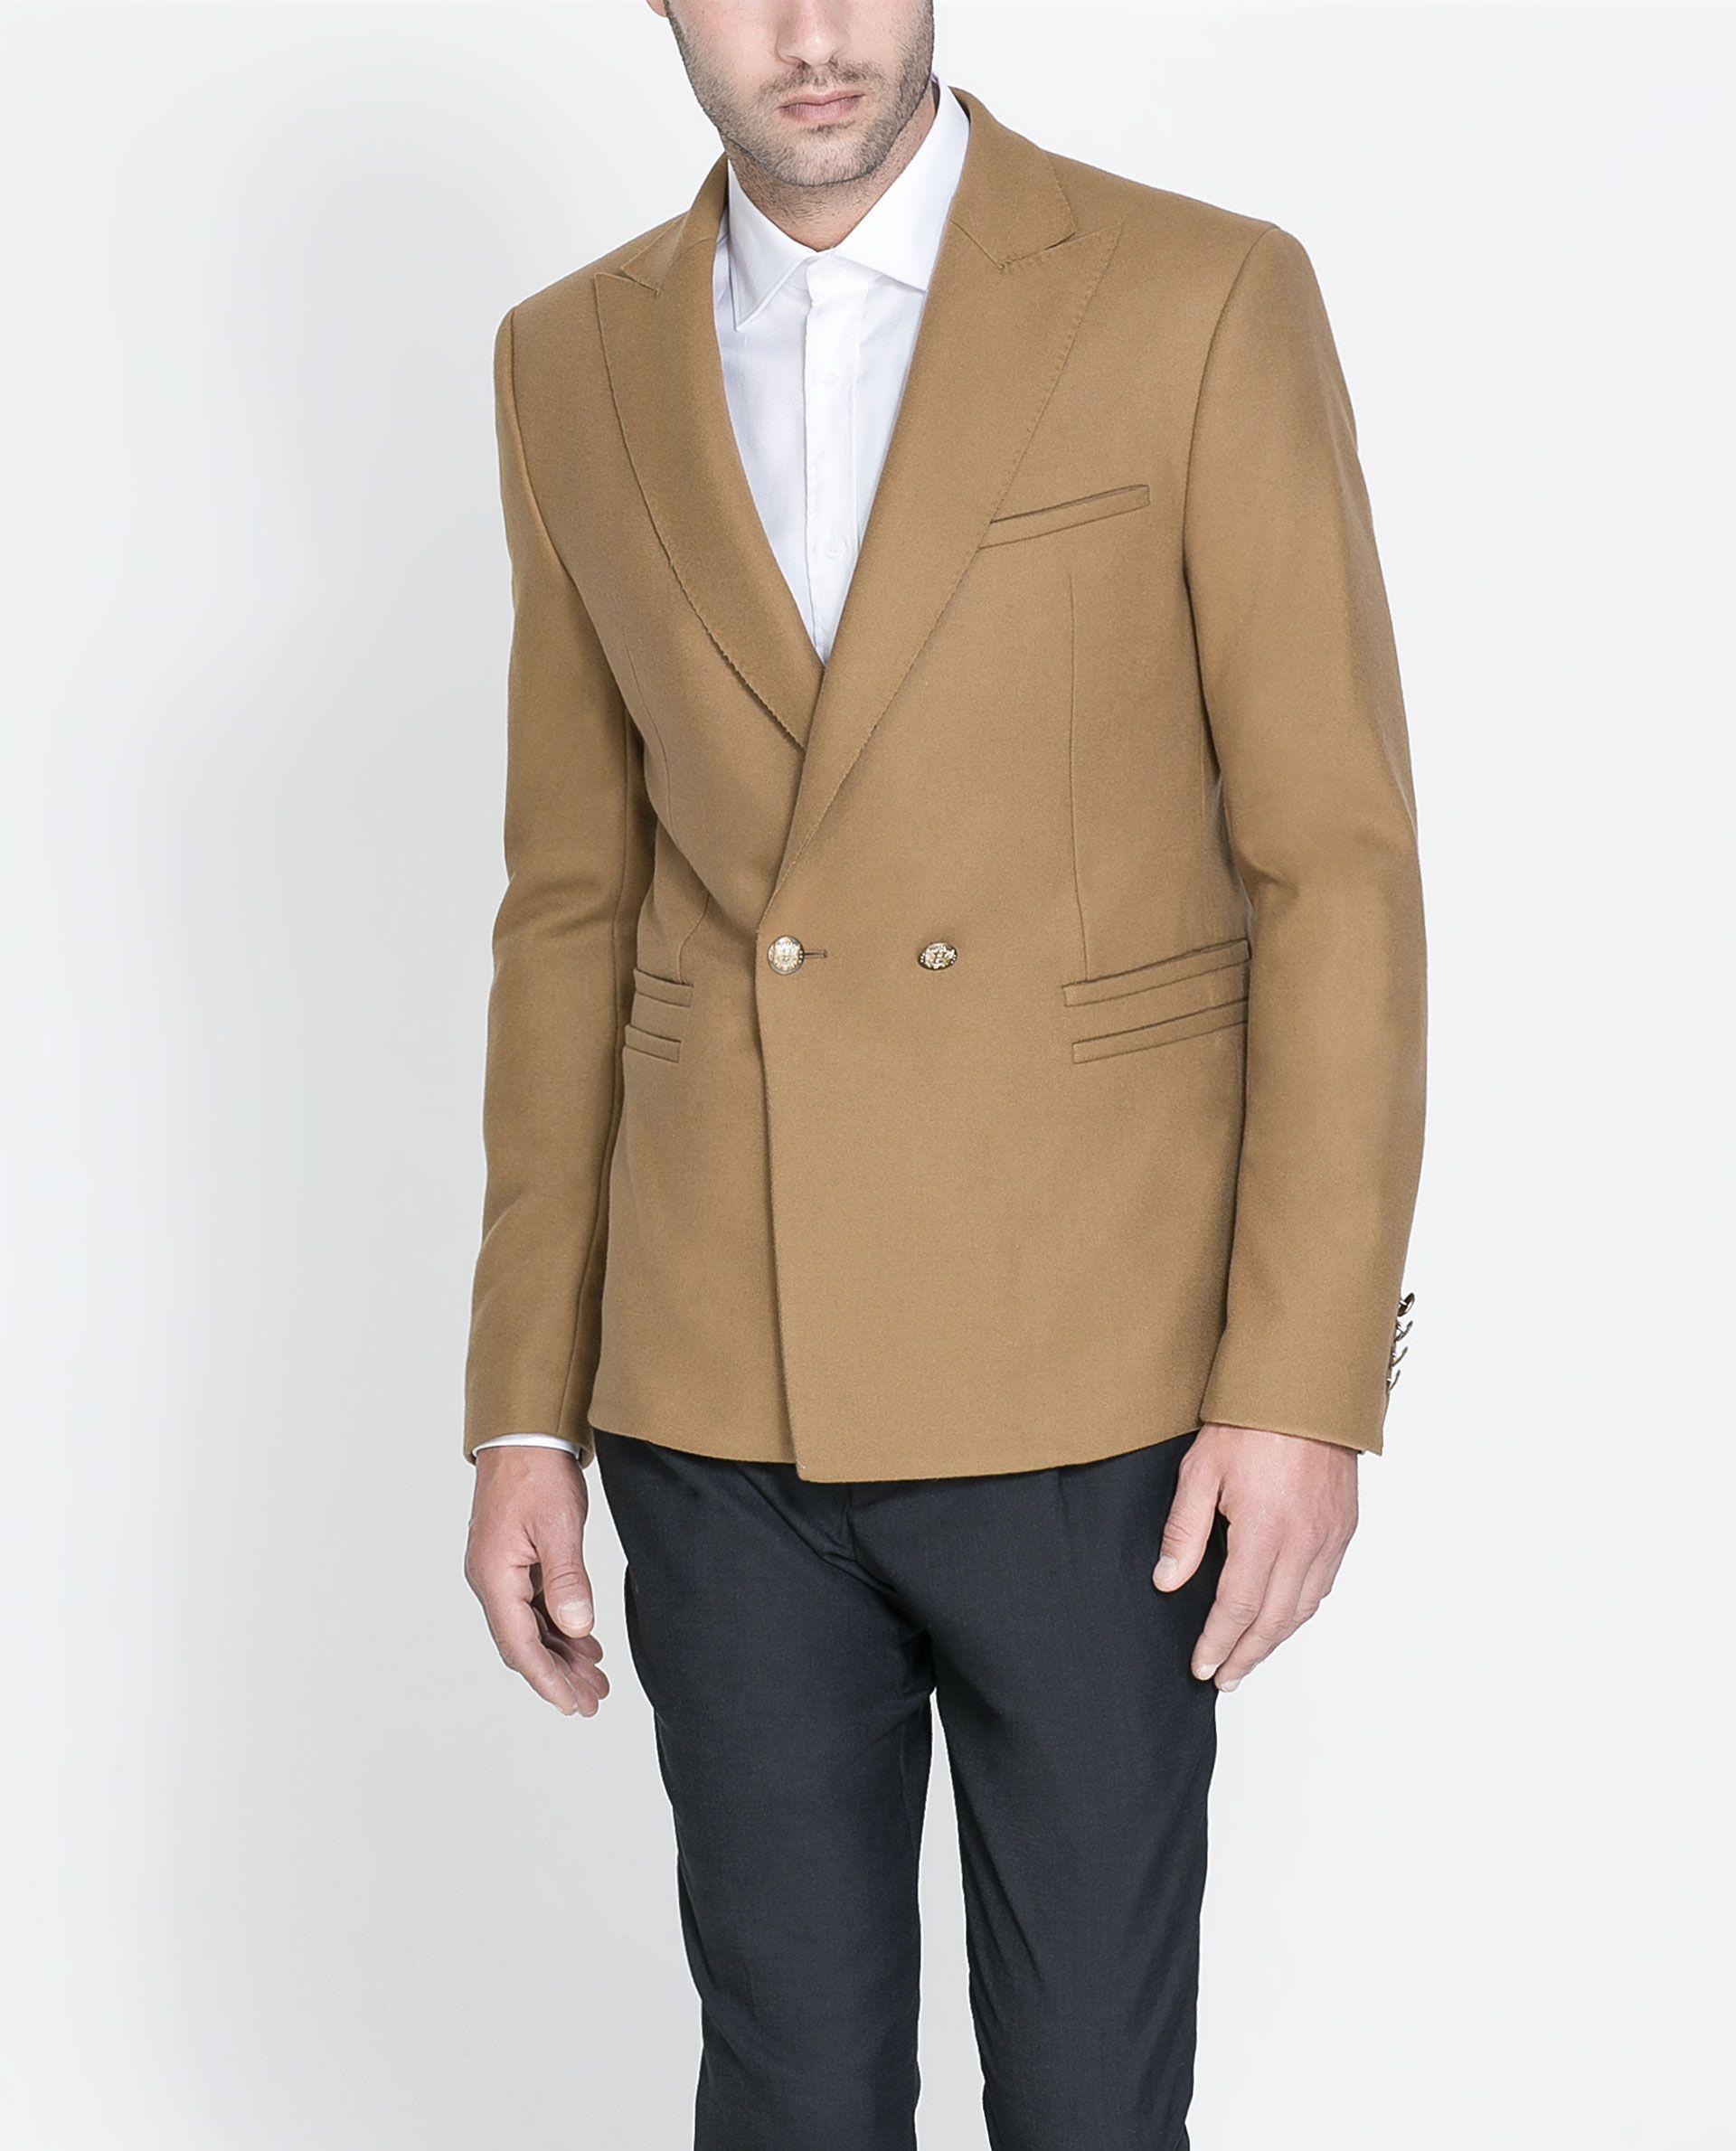 b85d4d619 BLAZER WITH GOLDEN BUTTON Zara Blazer, Blazer Suit, Suit Jacket, Zara Man,